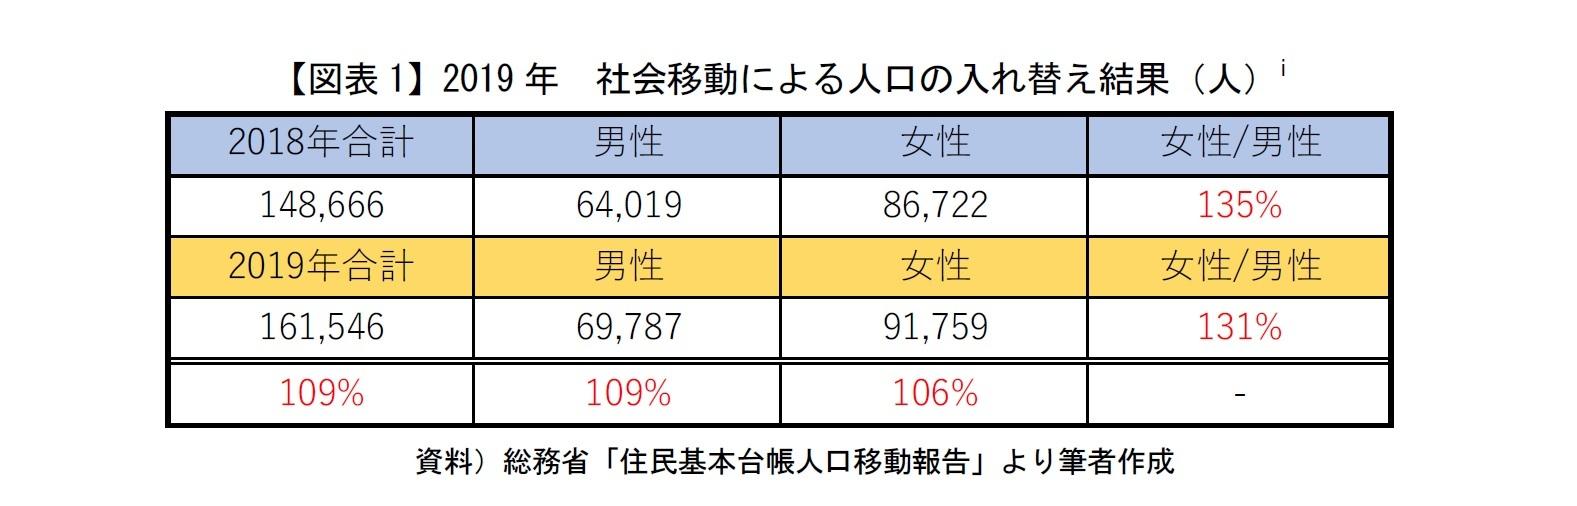 【図表1】2019年 社会移動による人口の入れ替え結果(人)